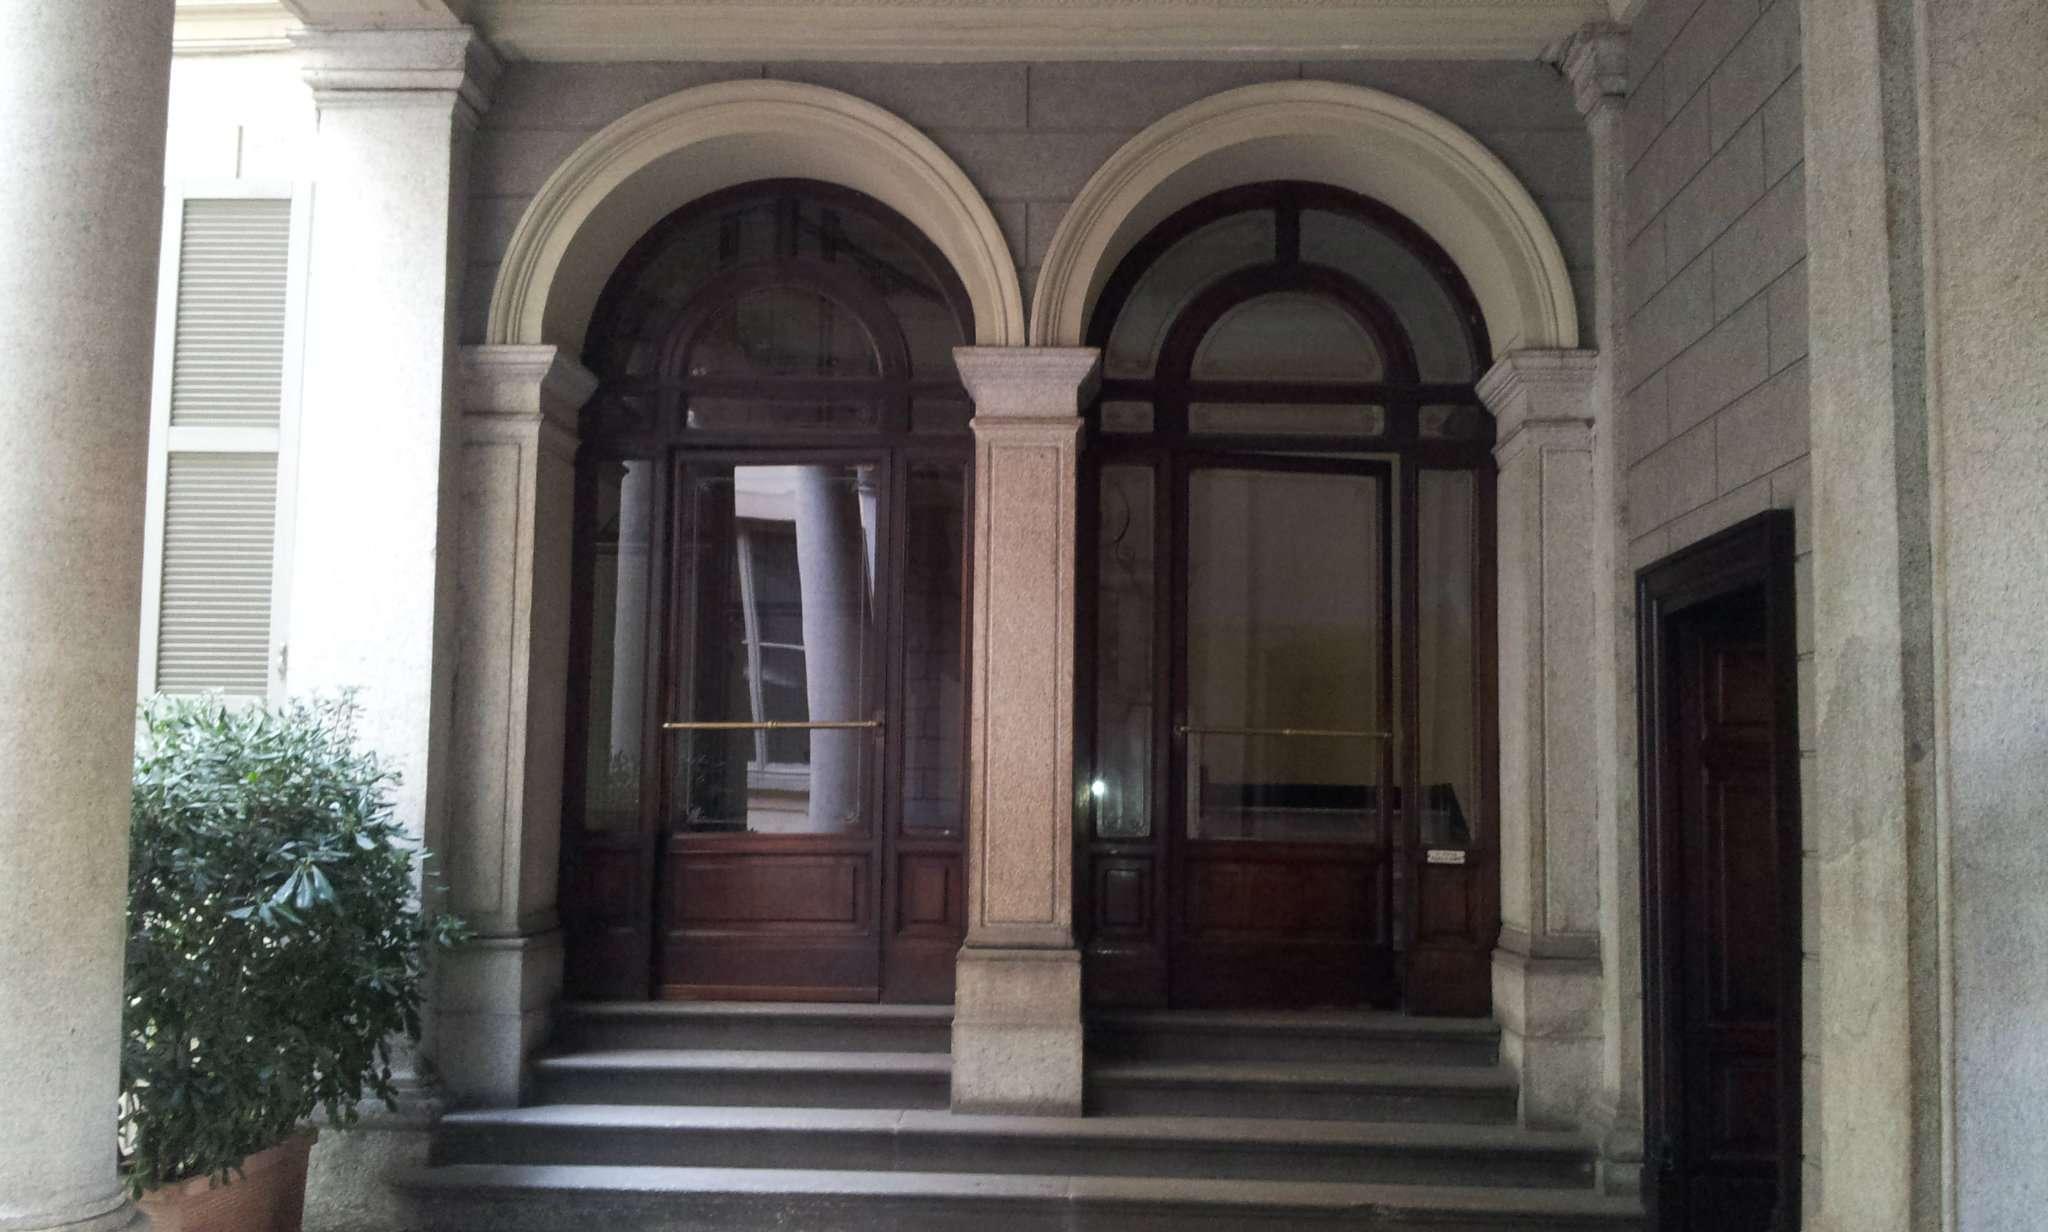 Appartamento in affitto a Milano, 8 locali, zona Zona: 1 . Centro Storico, Duomo, Brera, Cadorna, Cattolica, prezzo € 4.000 | Cambio Casa.it